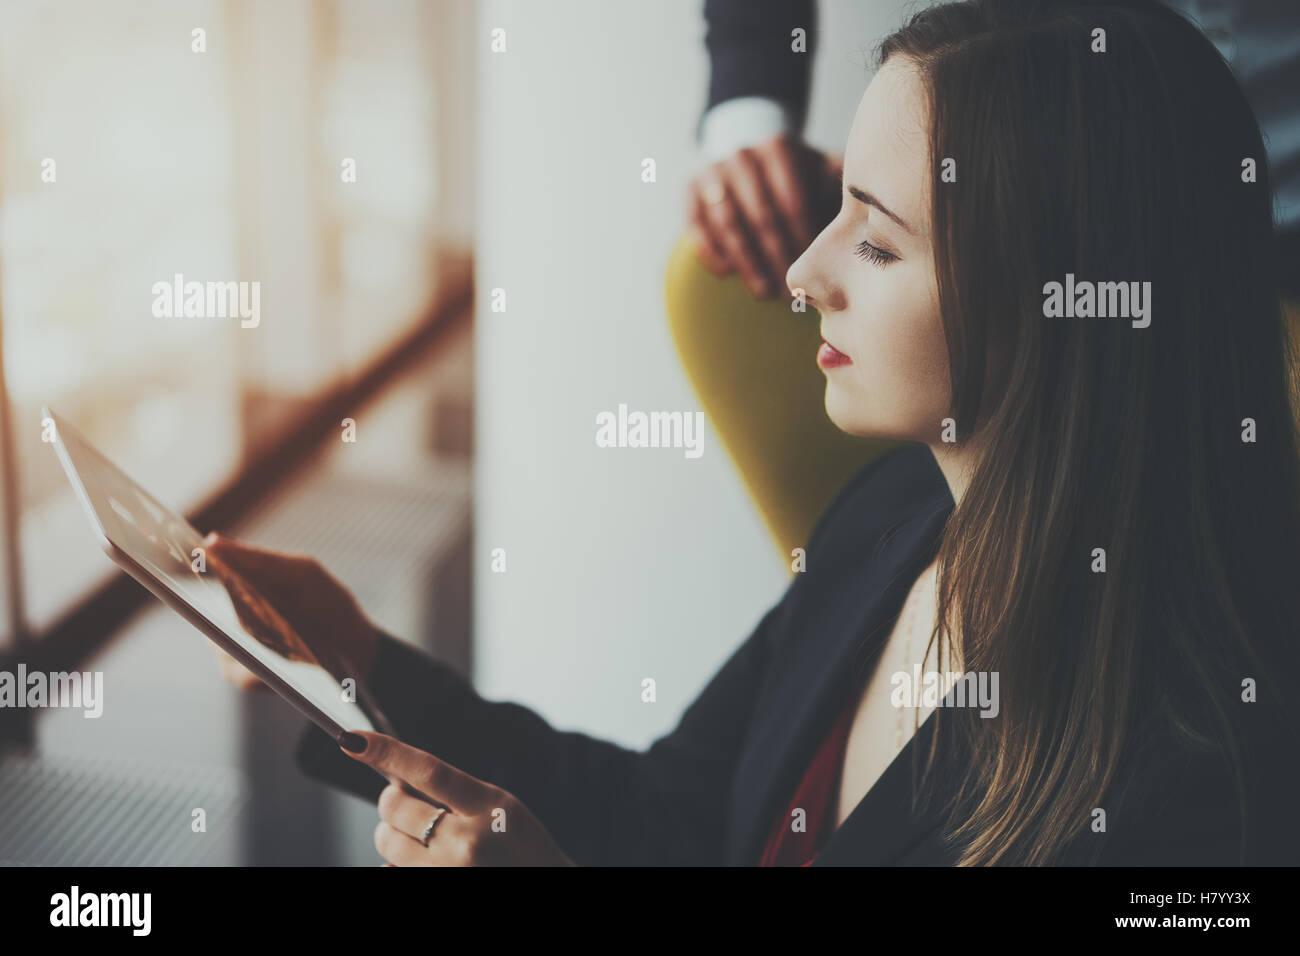 Grave giovane donna di successo di imprenditore nel business formale suite con salotto digitale compressa accanto Immagini Stock